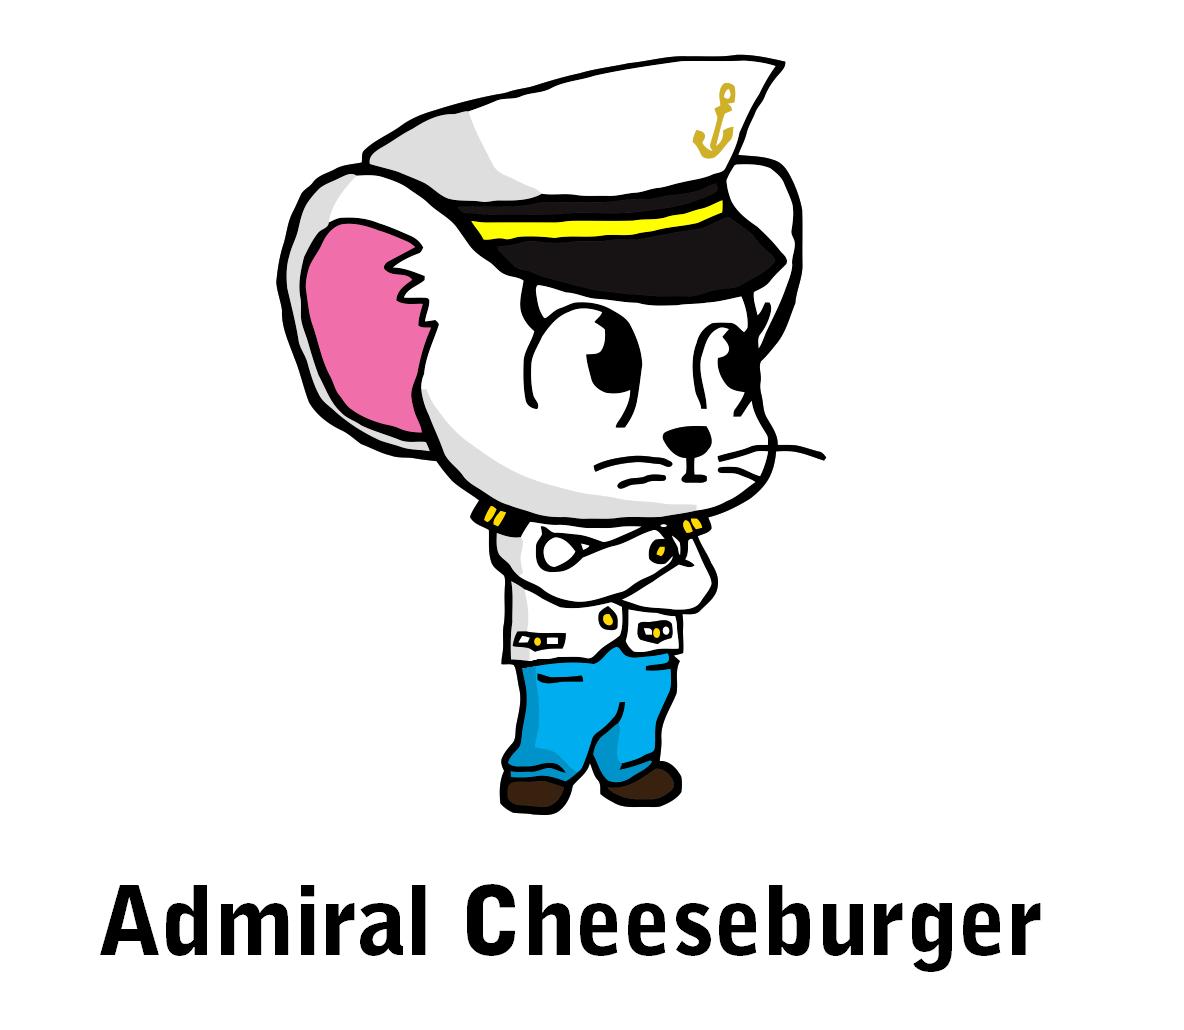 Admiral Cheeseburger